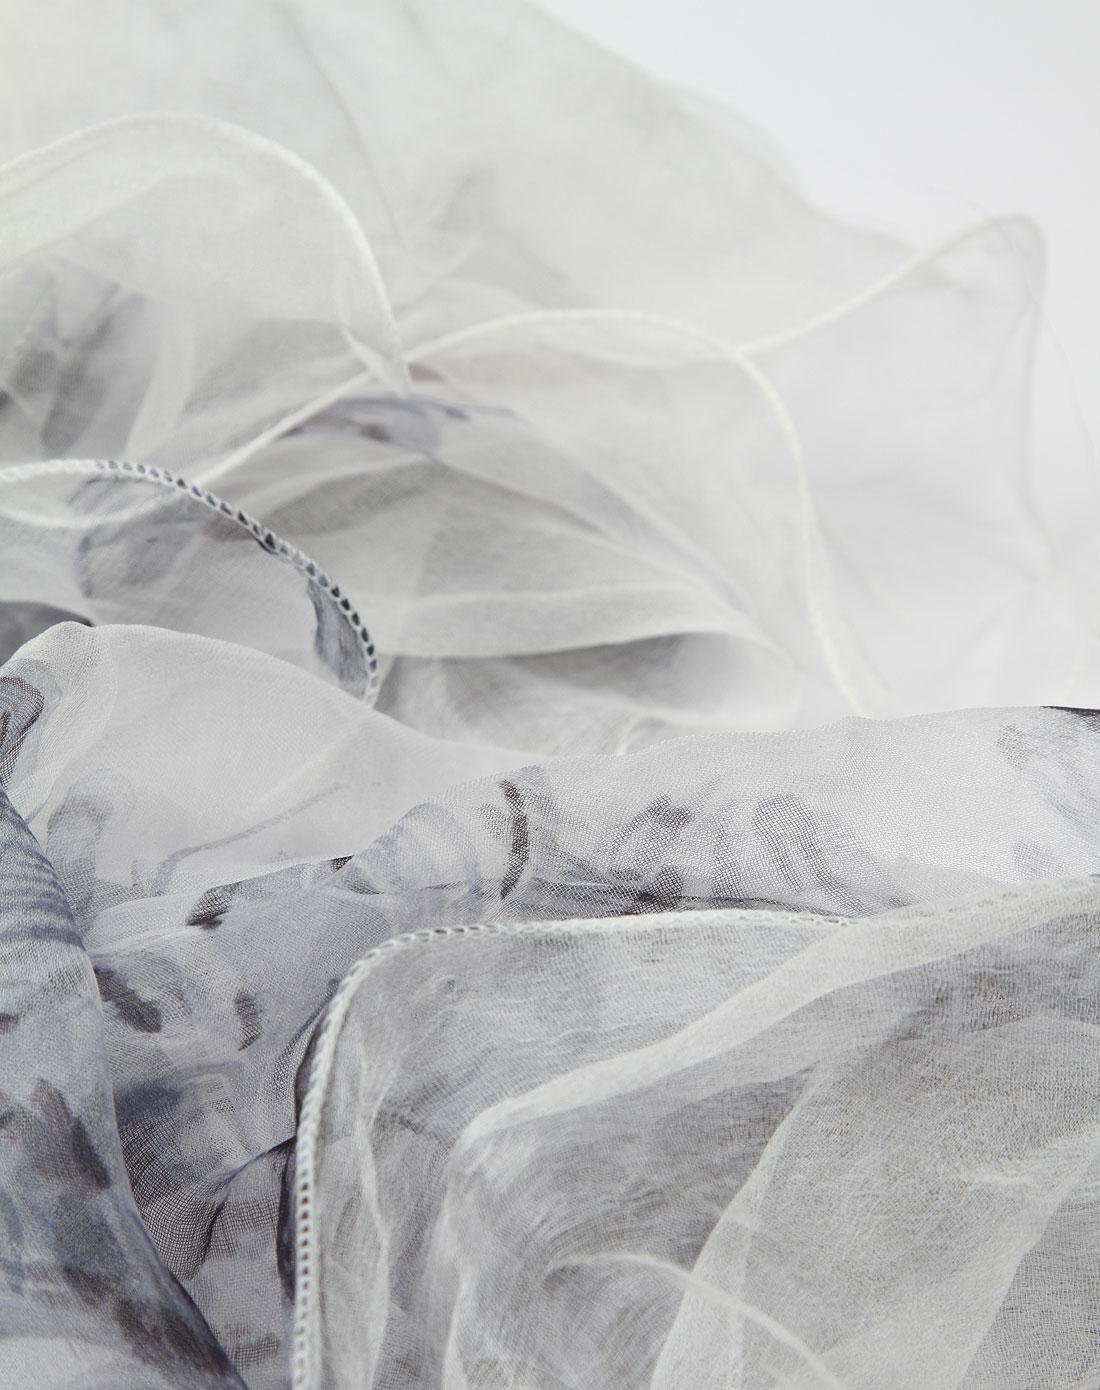 > 白底浅灰色花纹图案双层围巾